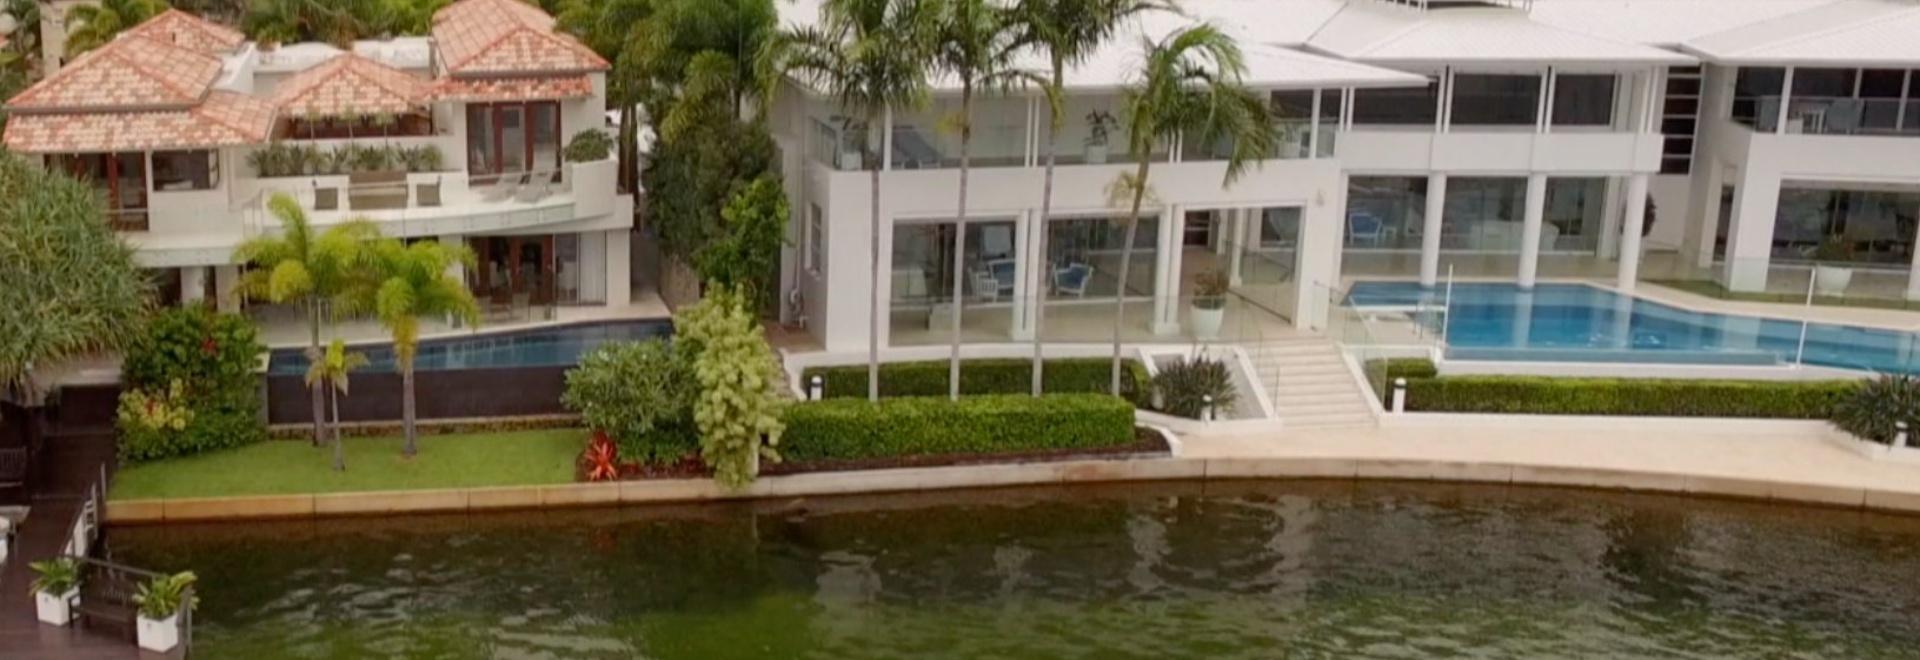 Le case più belle d'Australia